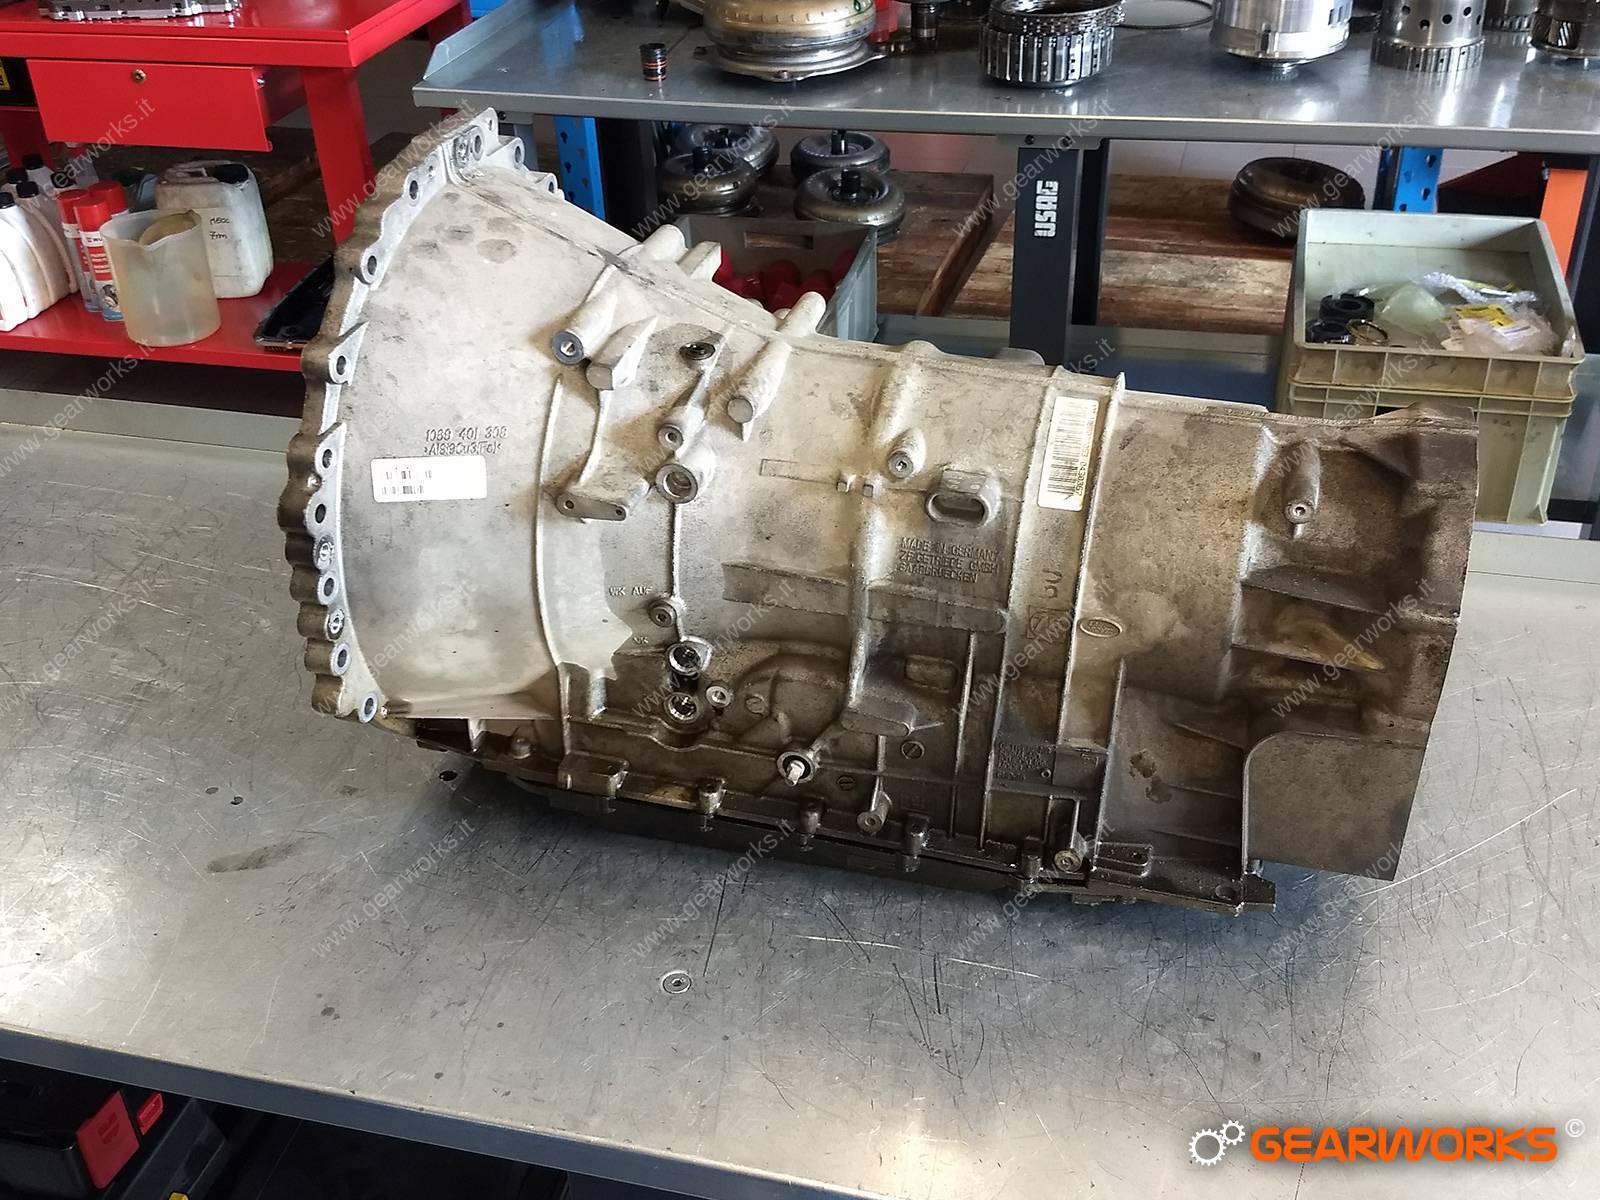 4WD, 6HP26, 6HP28, AUTOMATICO, BMW, CAMBIO, COLPO, CONVERTITORE, JAGUAR, LAND ROVER, MECCATRONICA, PROBLEMA, RANGE ROVER, ROTTO, S-TYPE, SLITTA, DISCOVERY III,